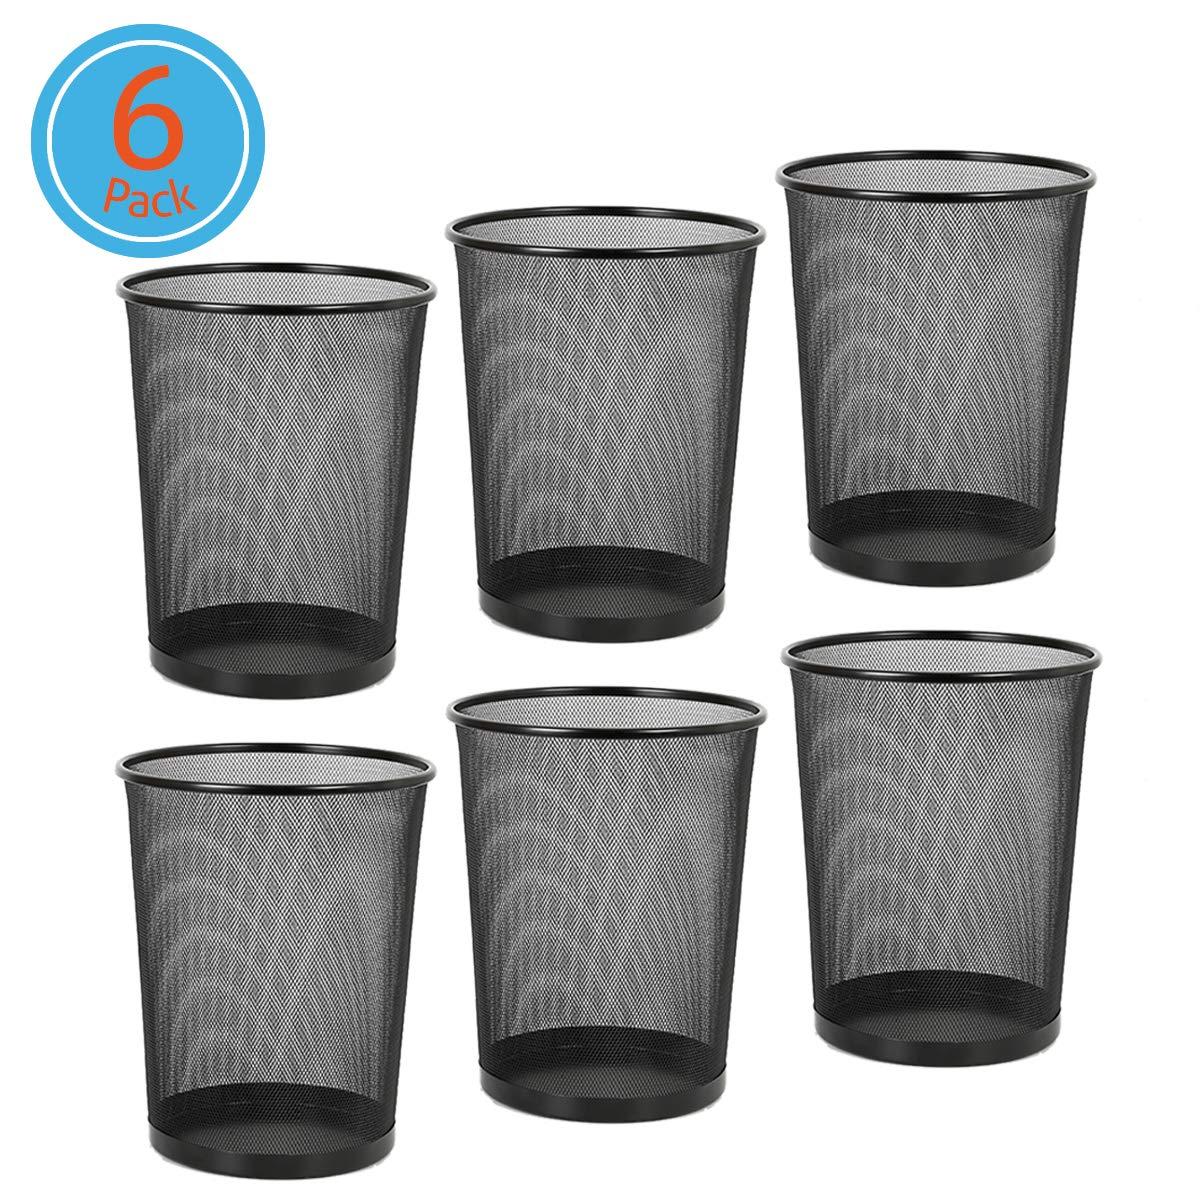 DESIGNA Round Waste Basket, Mesh Office Desk Trash Cans Wire, 4.5 Gal,11-11/16 Diameter x 14-1/16 H Black, 6-PACK by DESIGNA